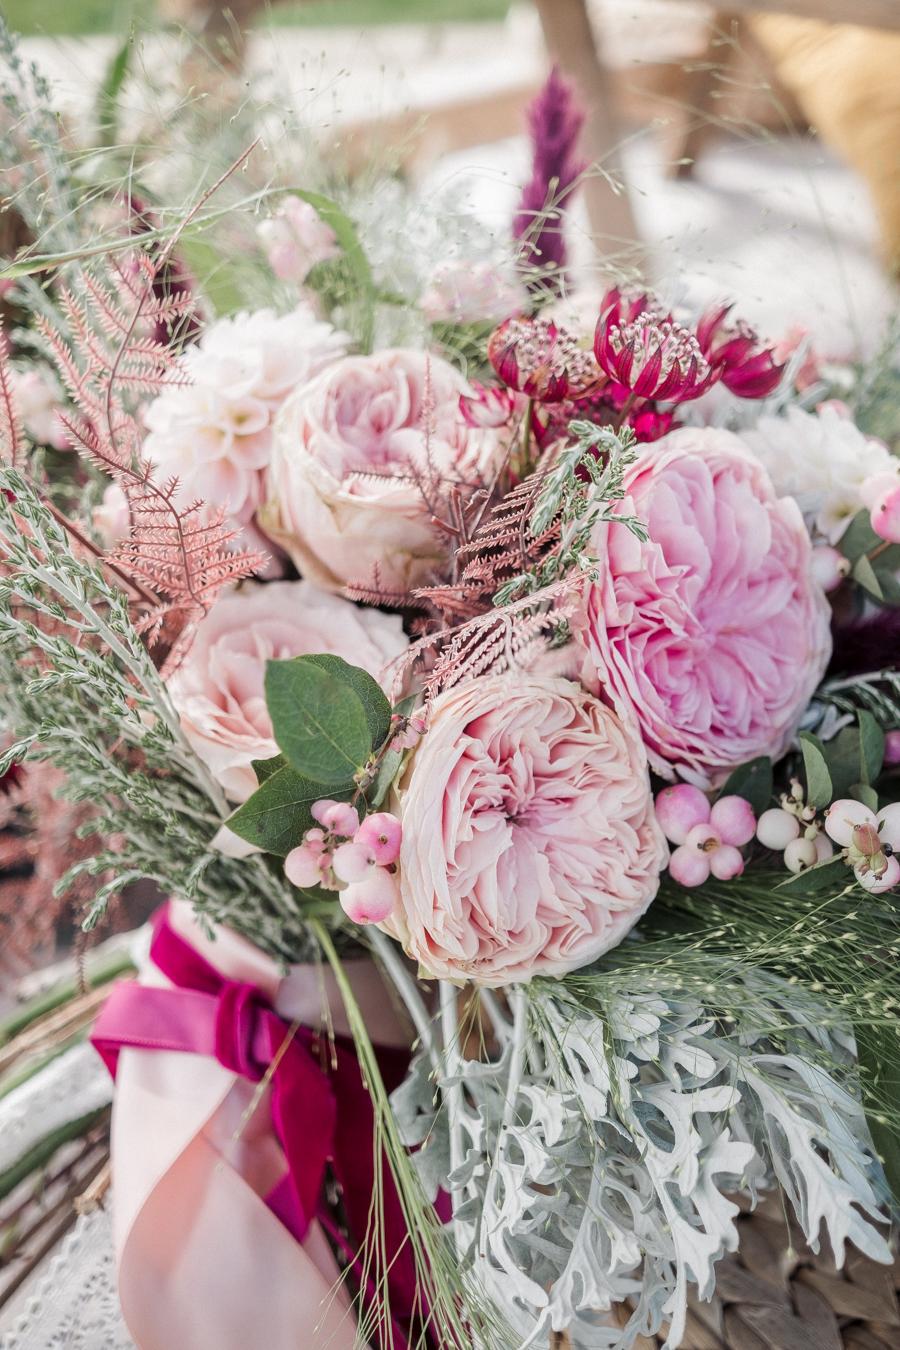 Hertfordshire Boho Themed Styled Wedding Shoot, photographer credit Absolute Photo UK (1)